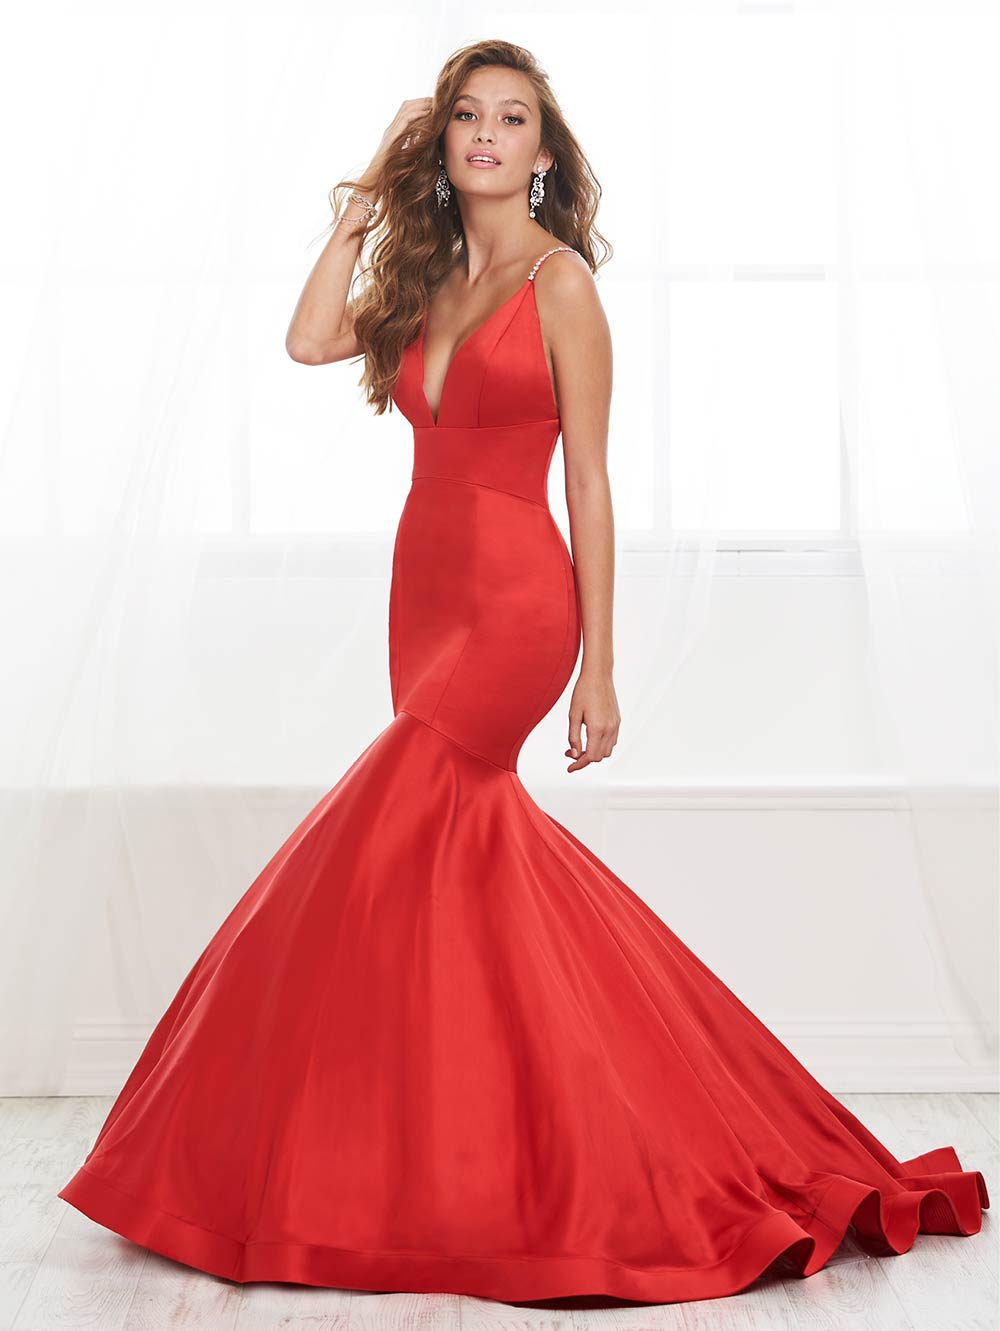 prom-dresses-jacquelin-bridals-canada-27653